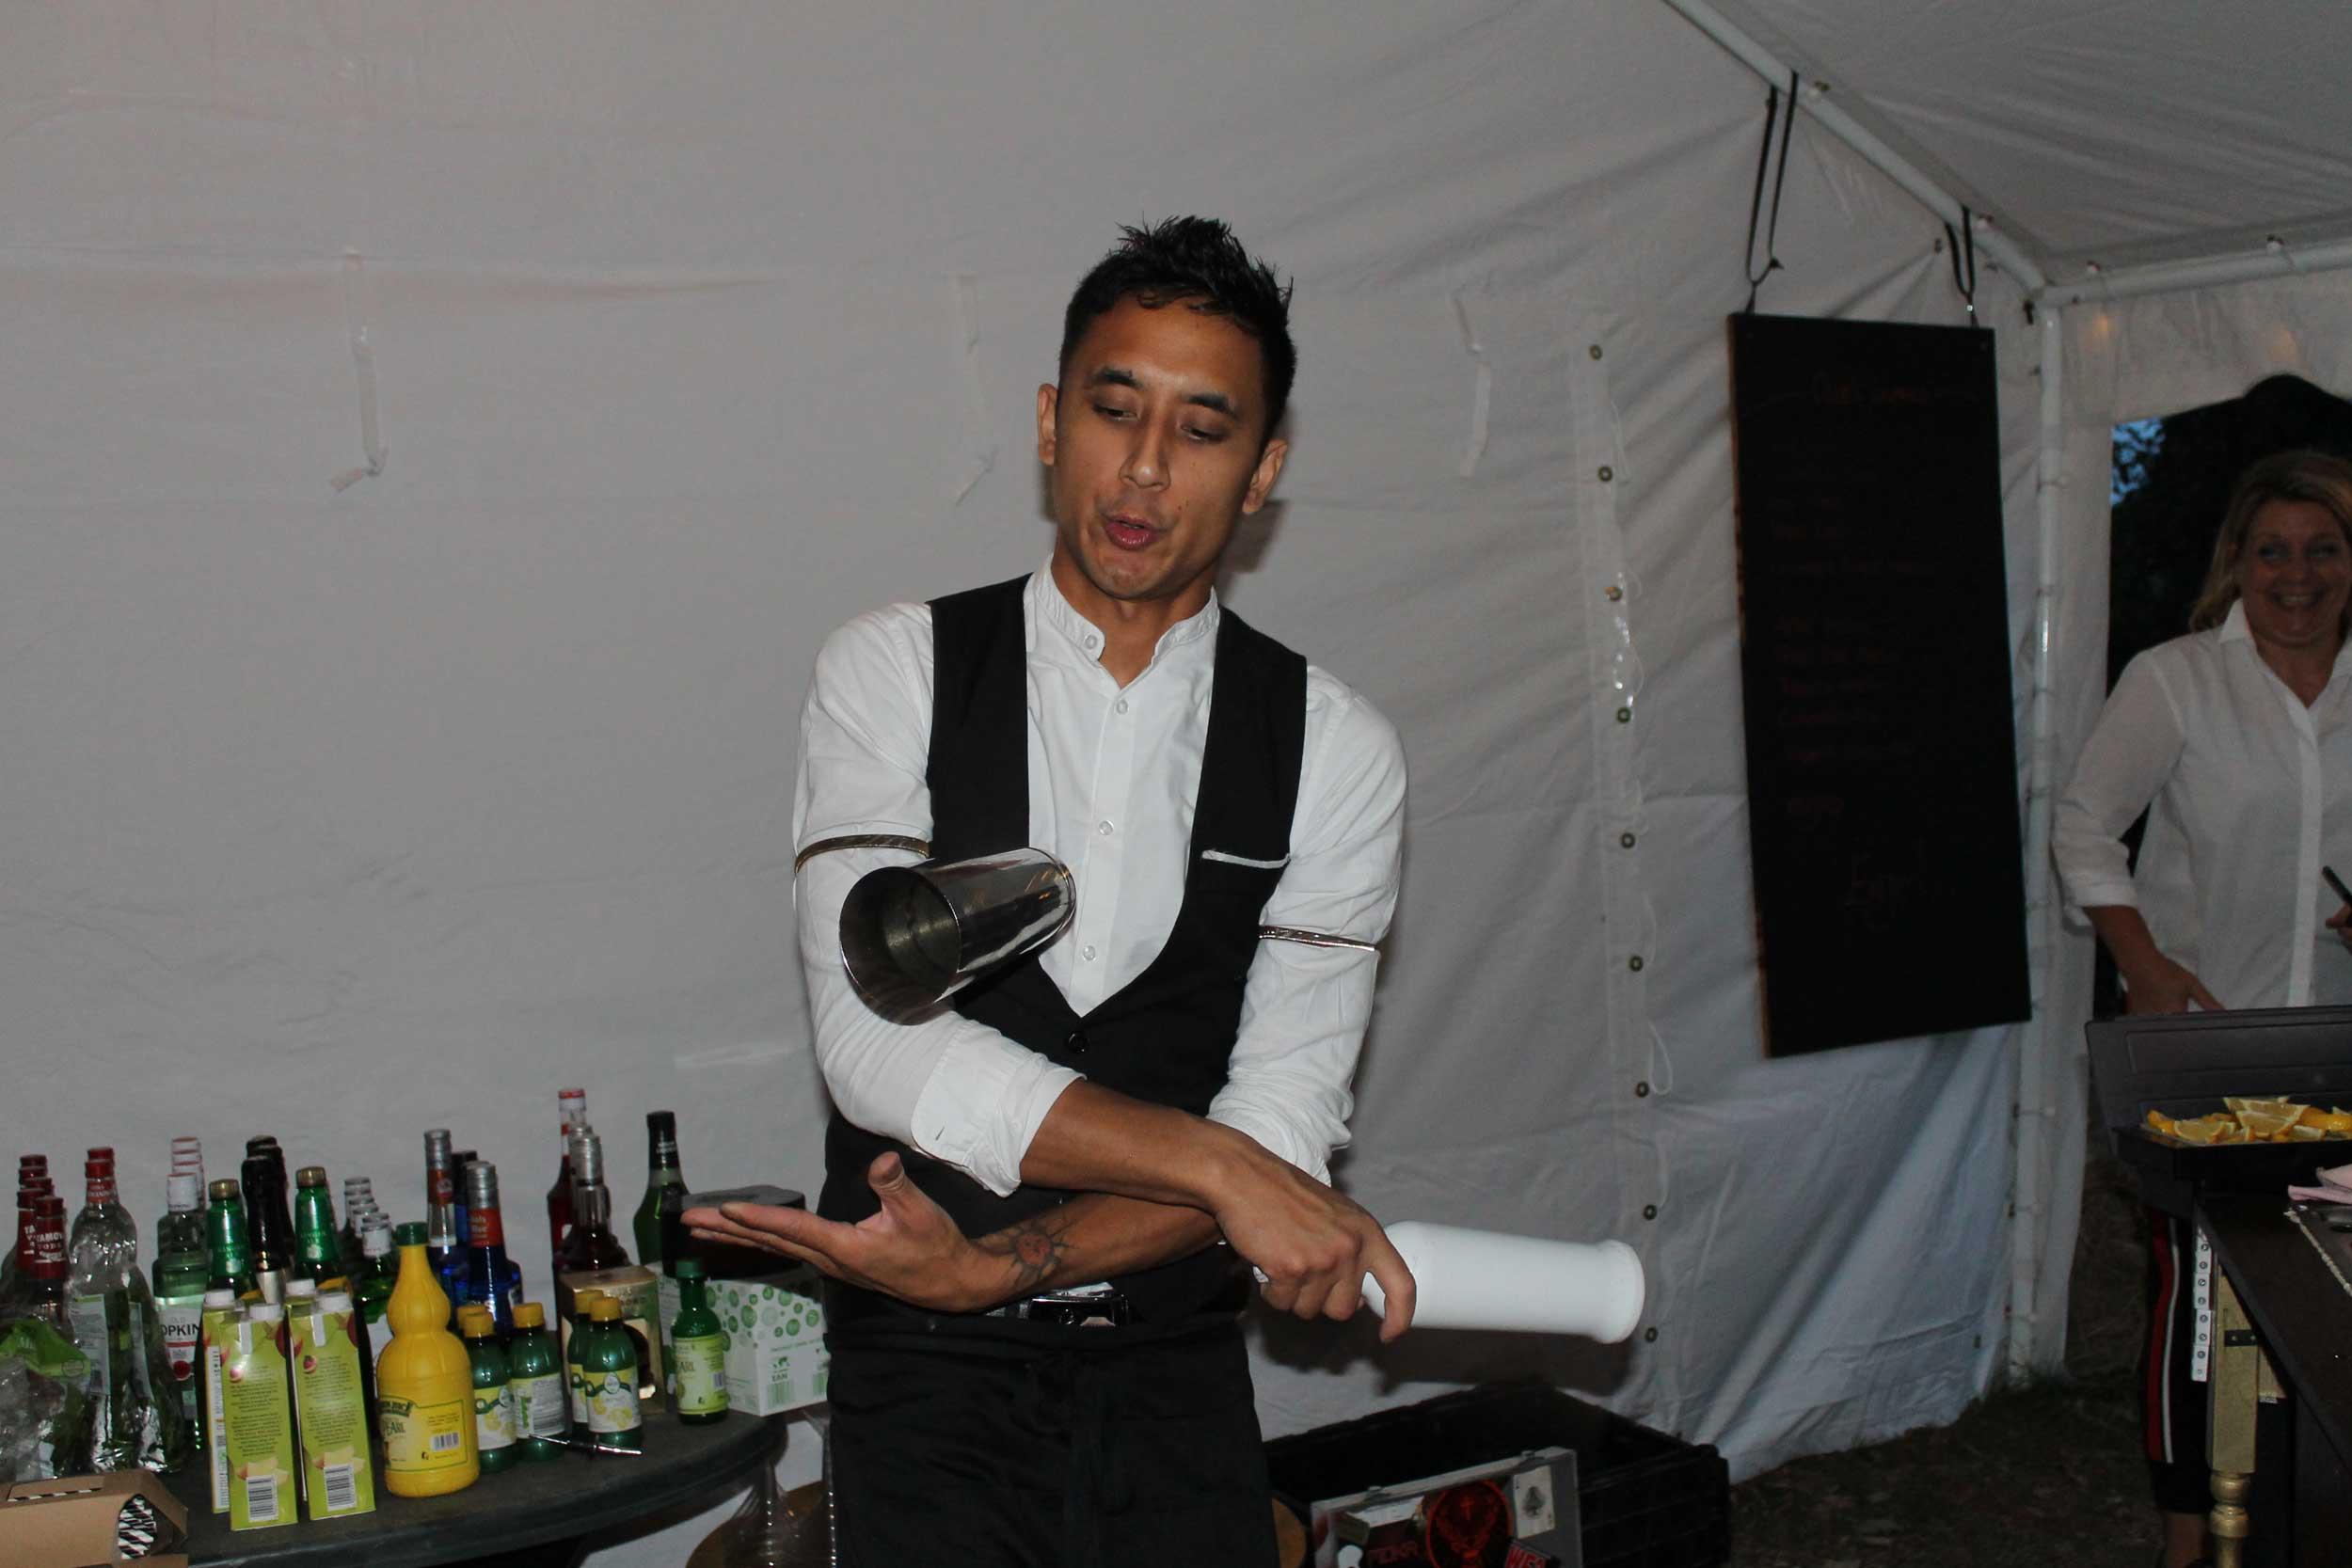 Cocktail cart flair